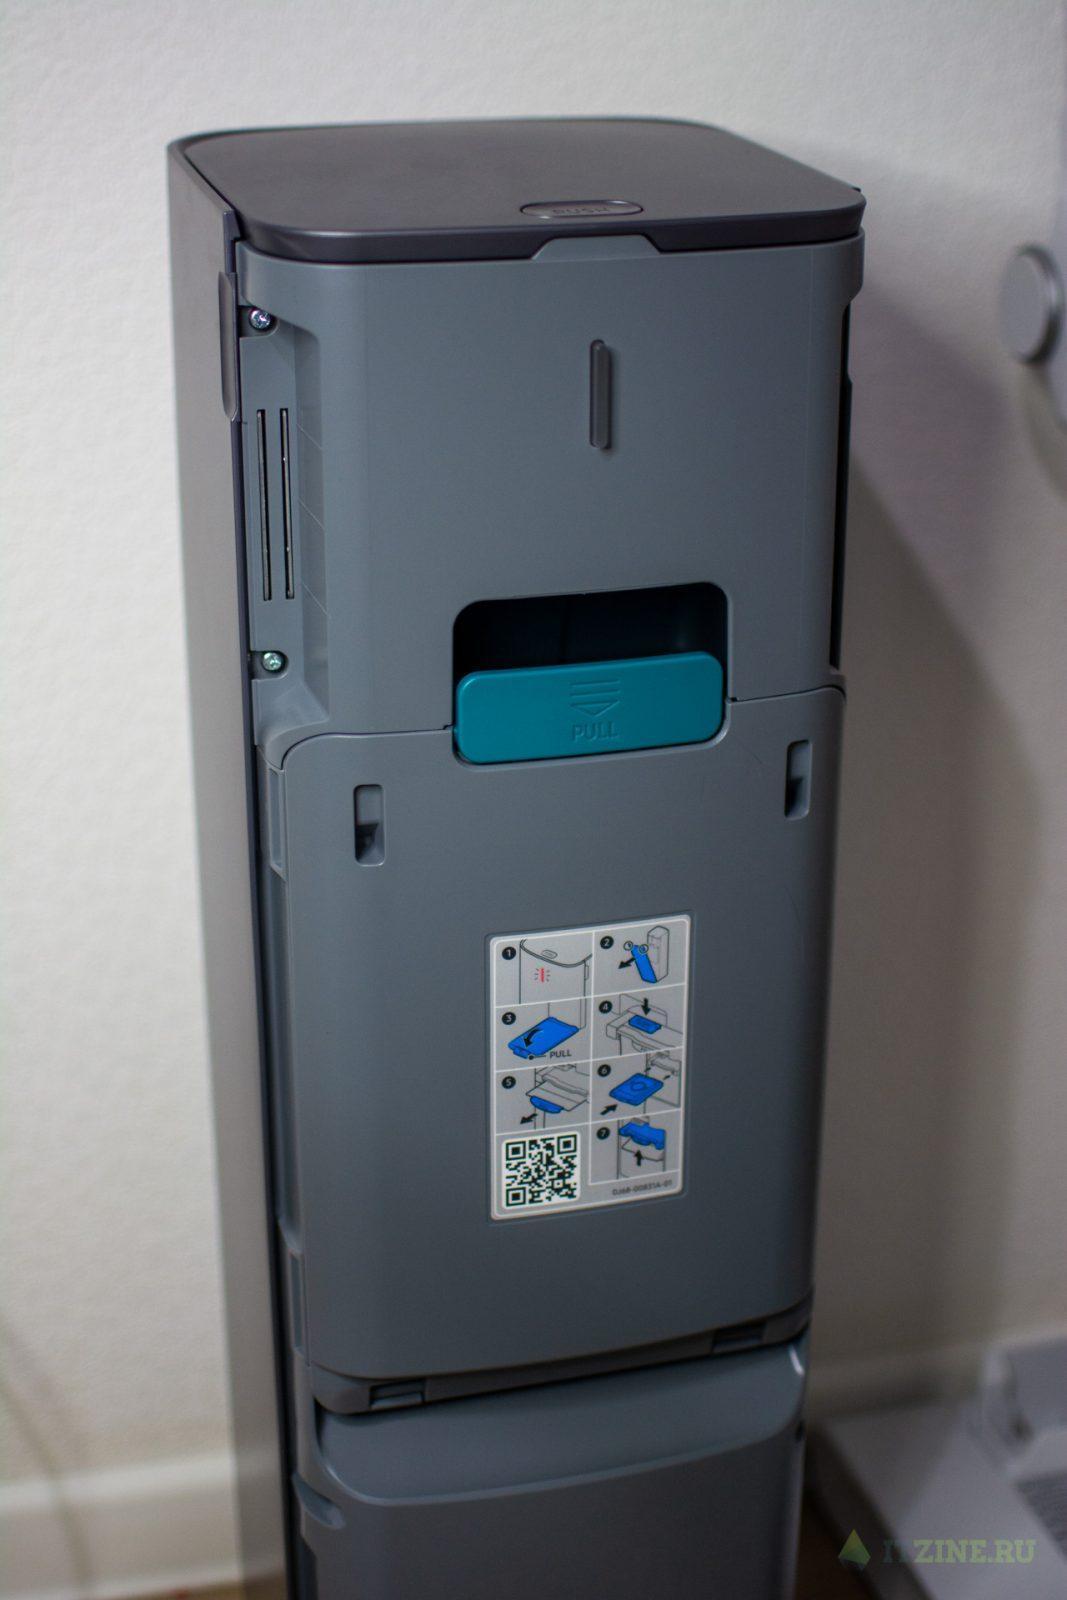 Обзор Samsung Clean Station: сделать квартиру ещё чище (Samsung Clean Station 09)